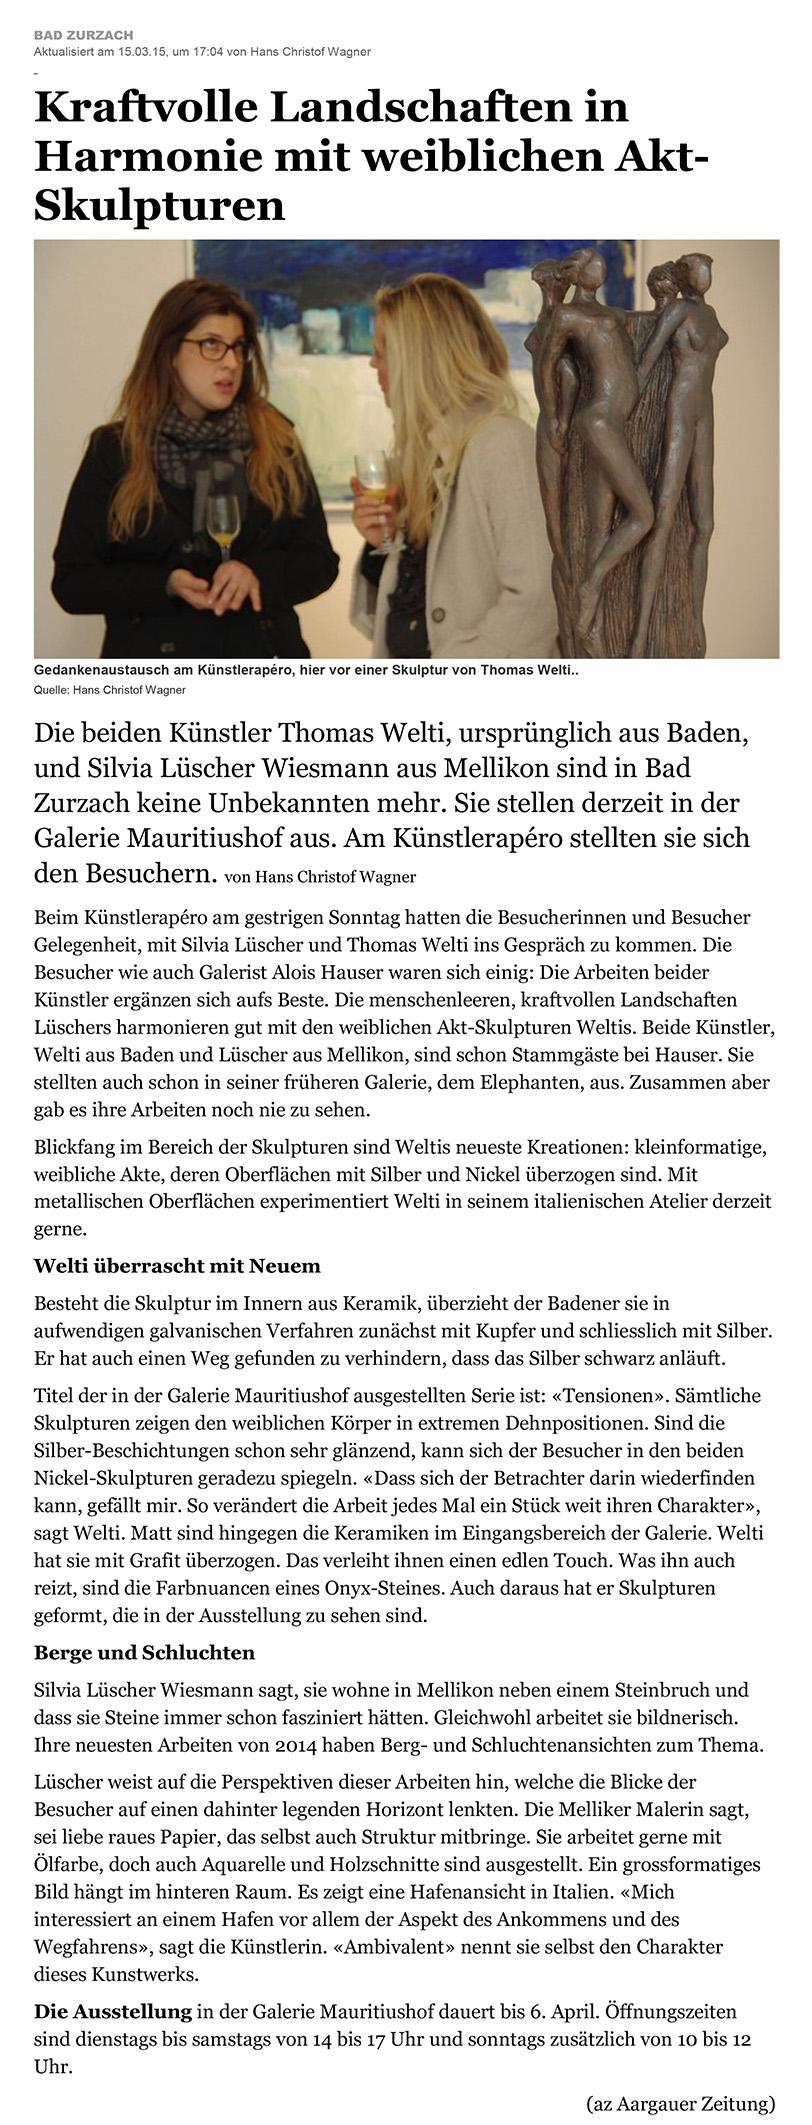 2015_AZ-Bericht Zurzach (Digitalausgabe)-1